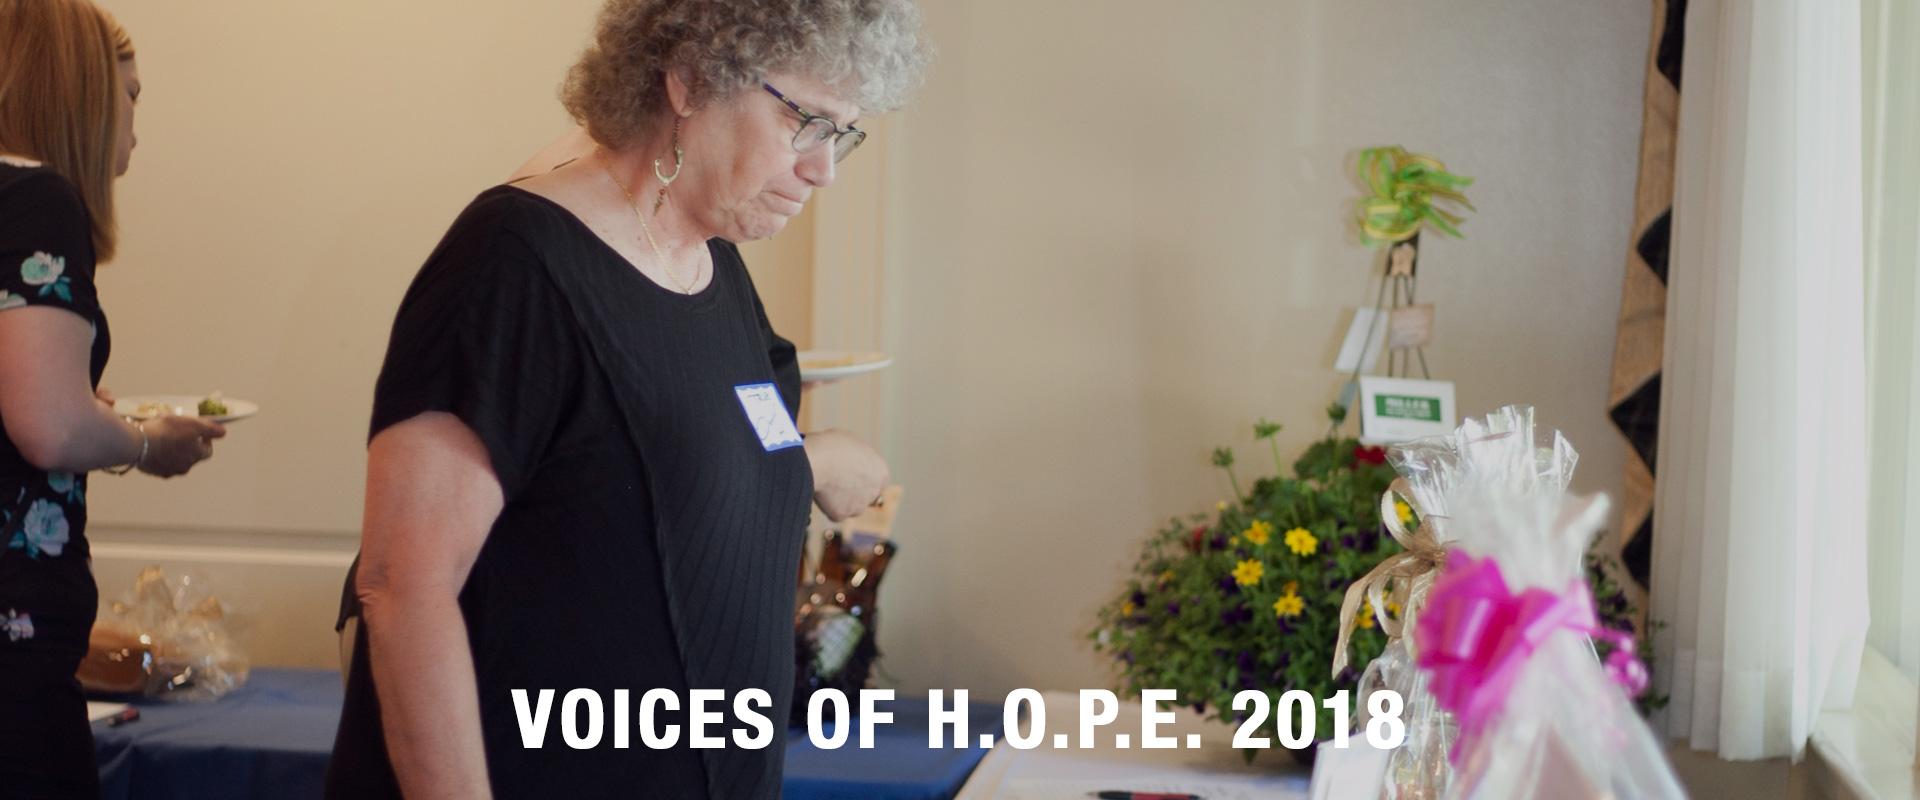 Voices of H.O.P.E. 2018 - 22